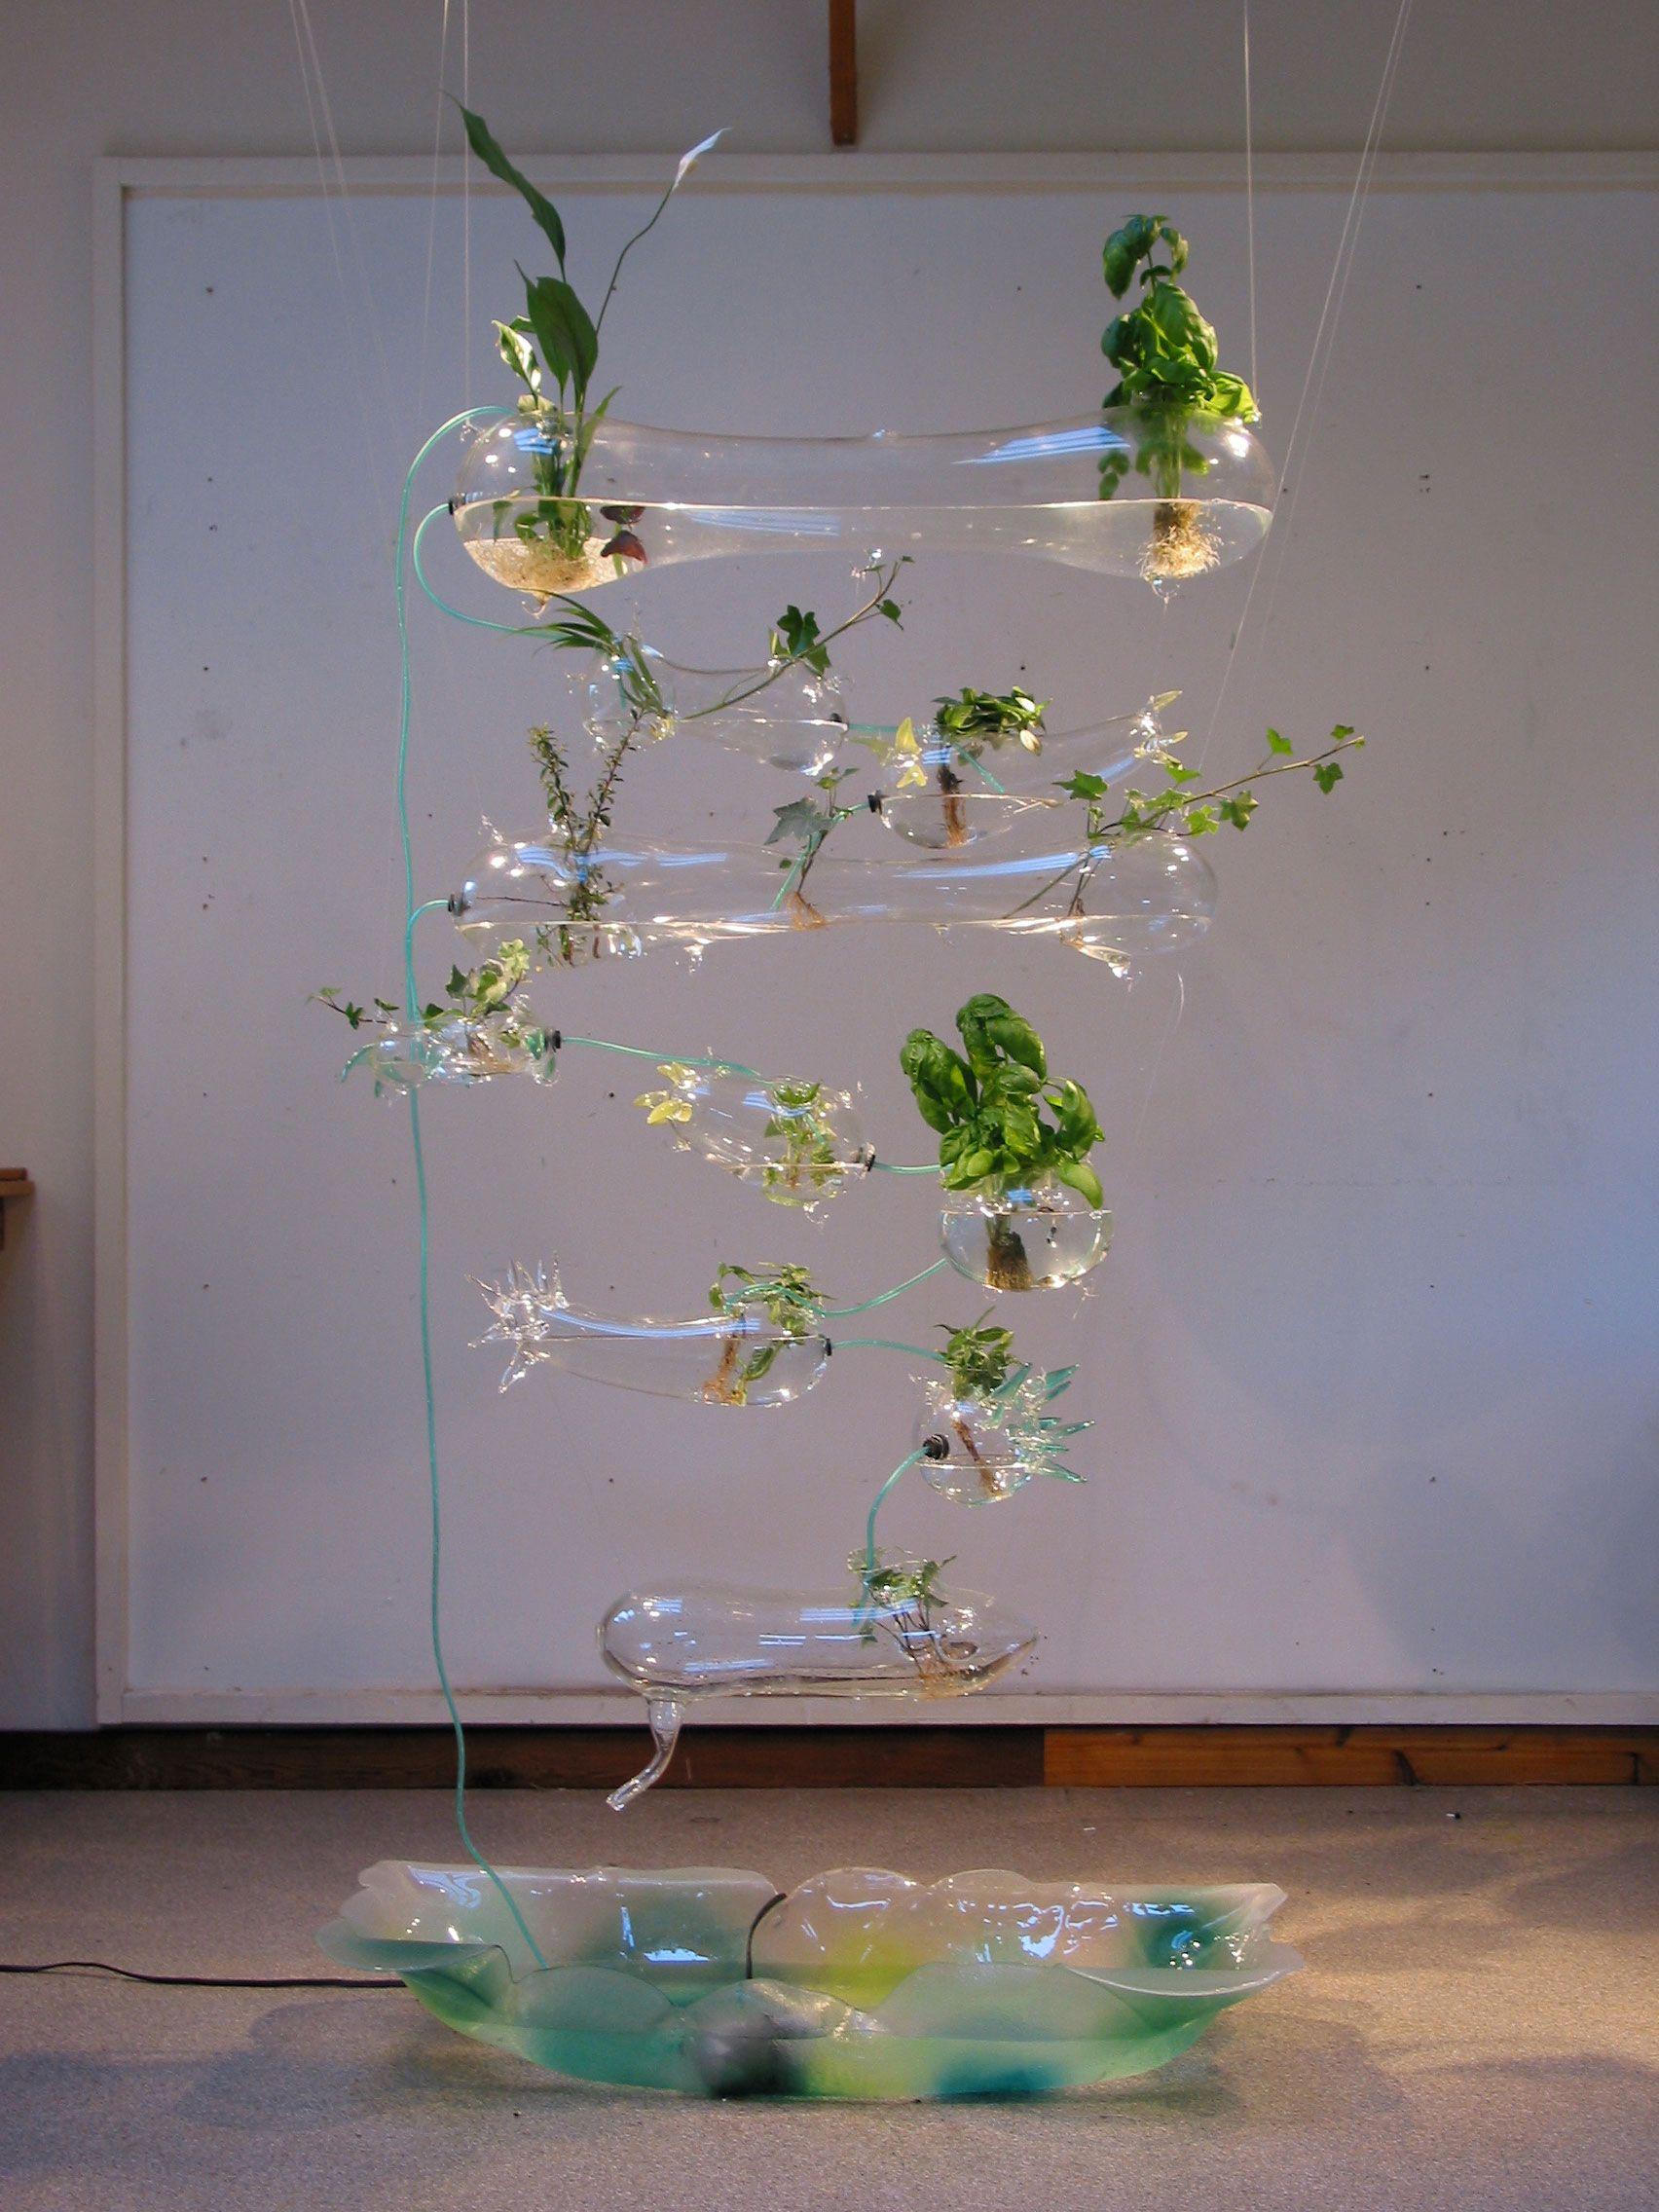 Butterfly garden design hydroponic herb garden hydroponics